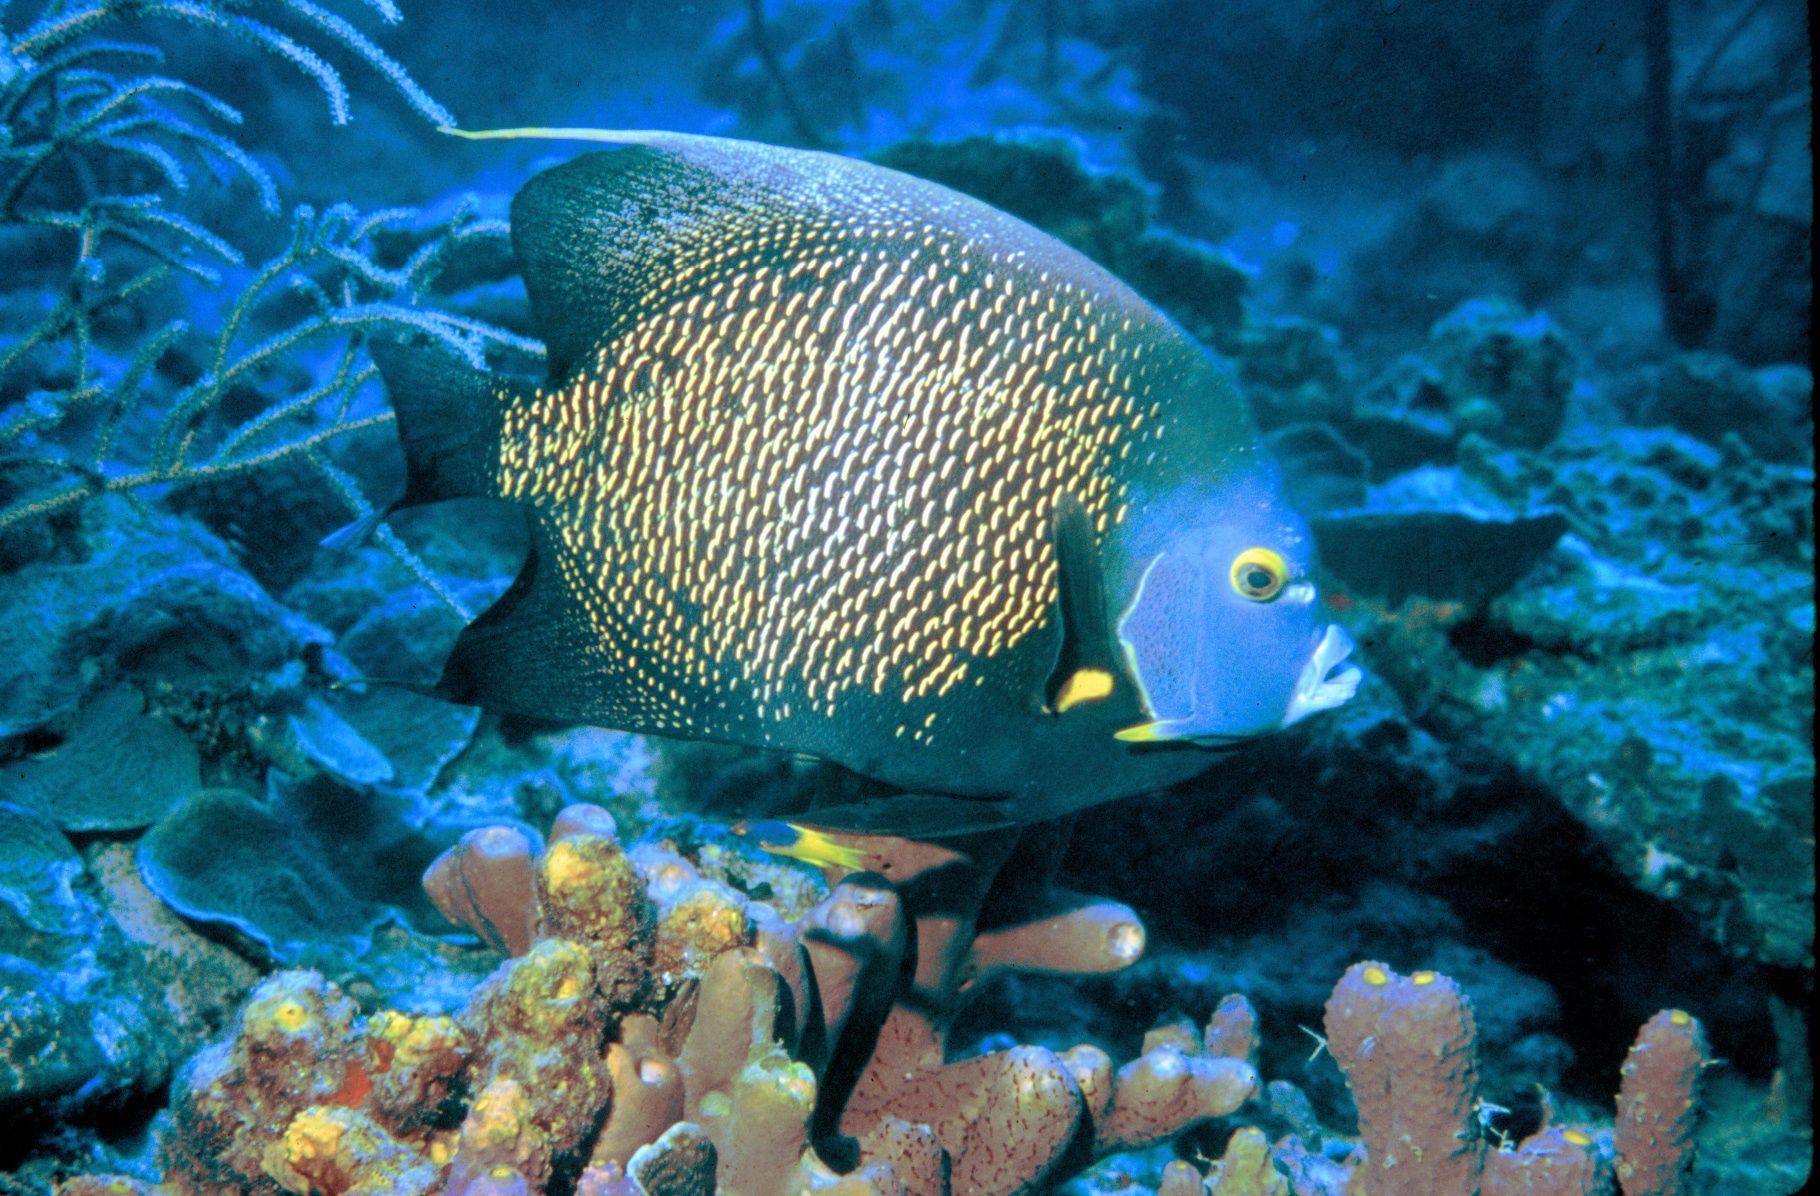 Der Regenbogenfisch mit seinen Glitzerschuppen